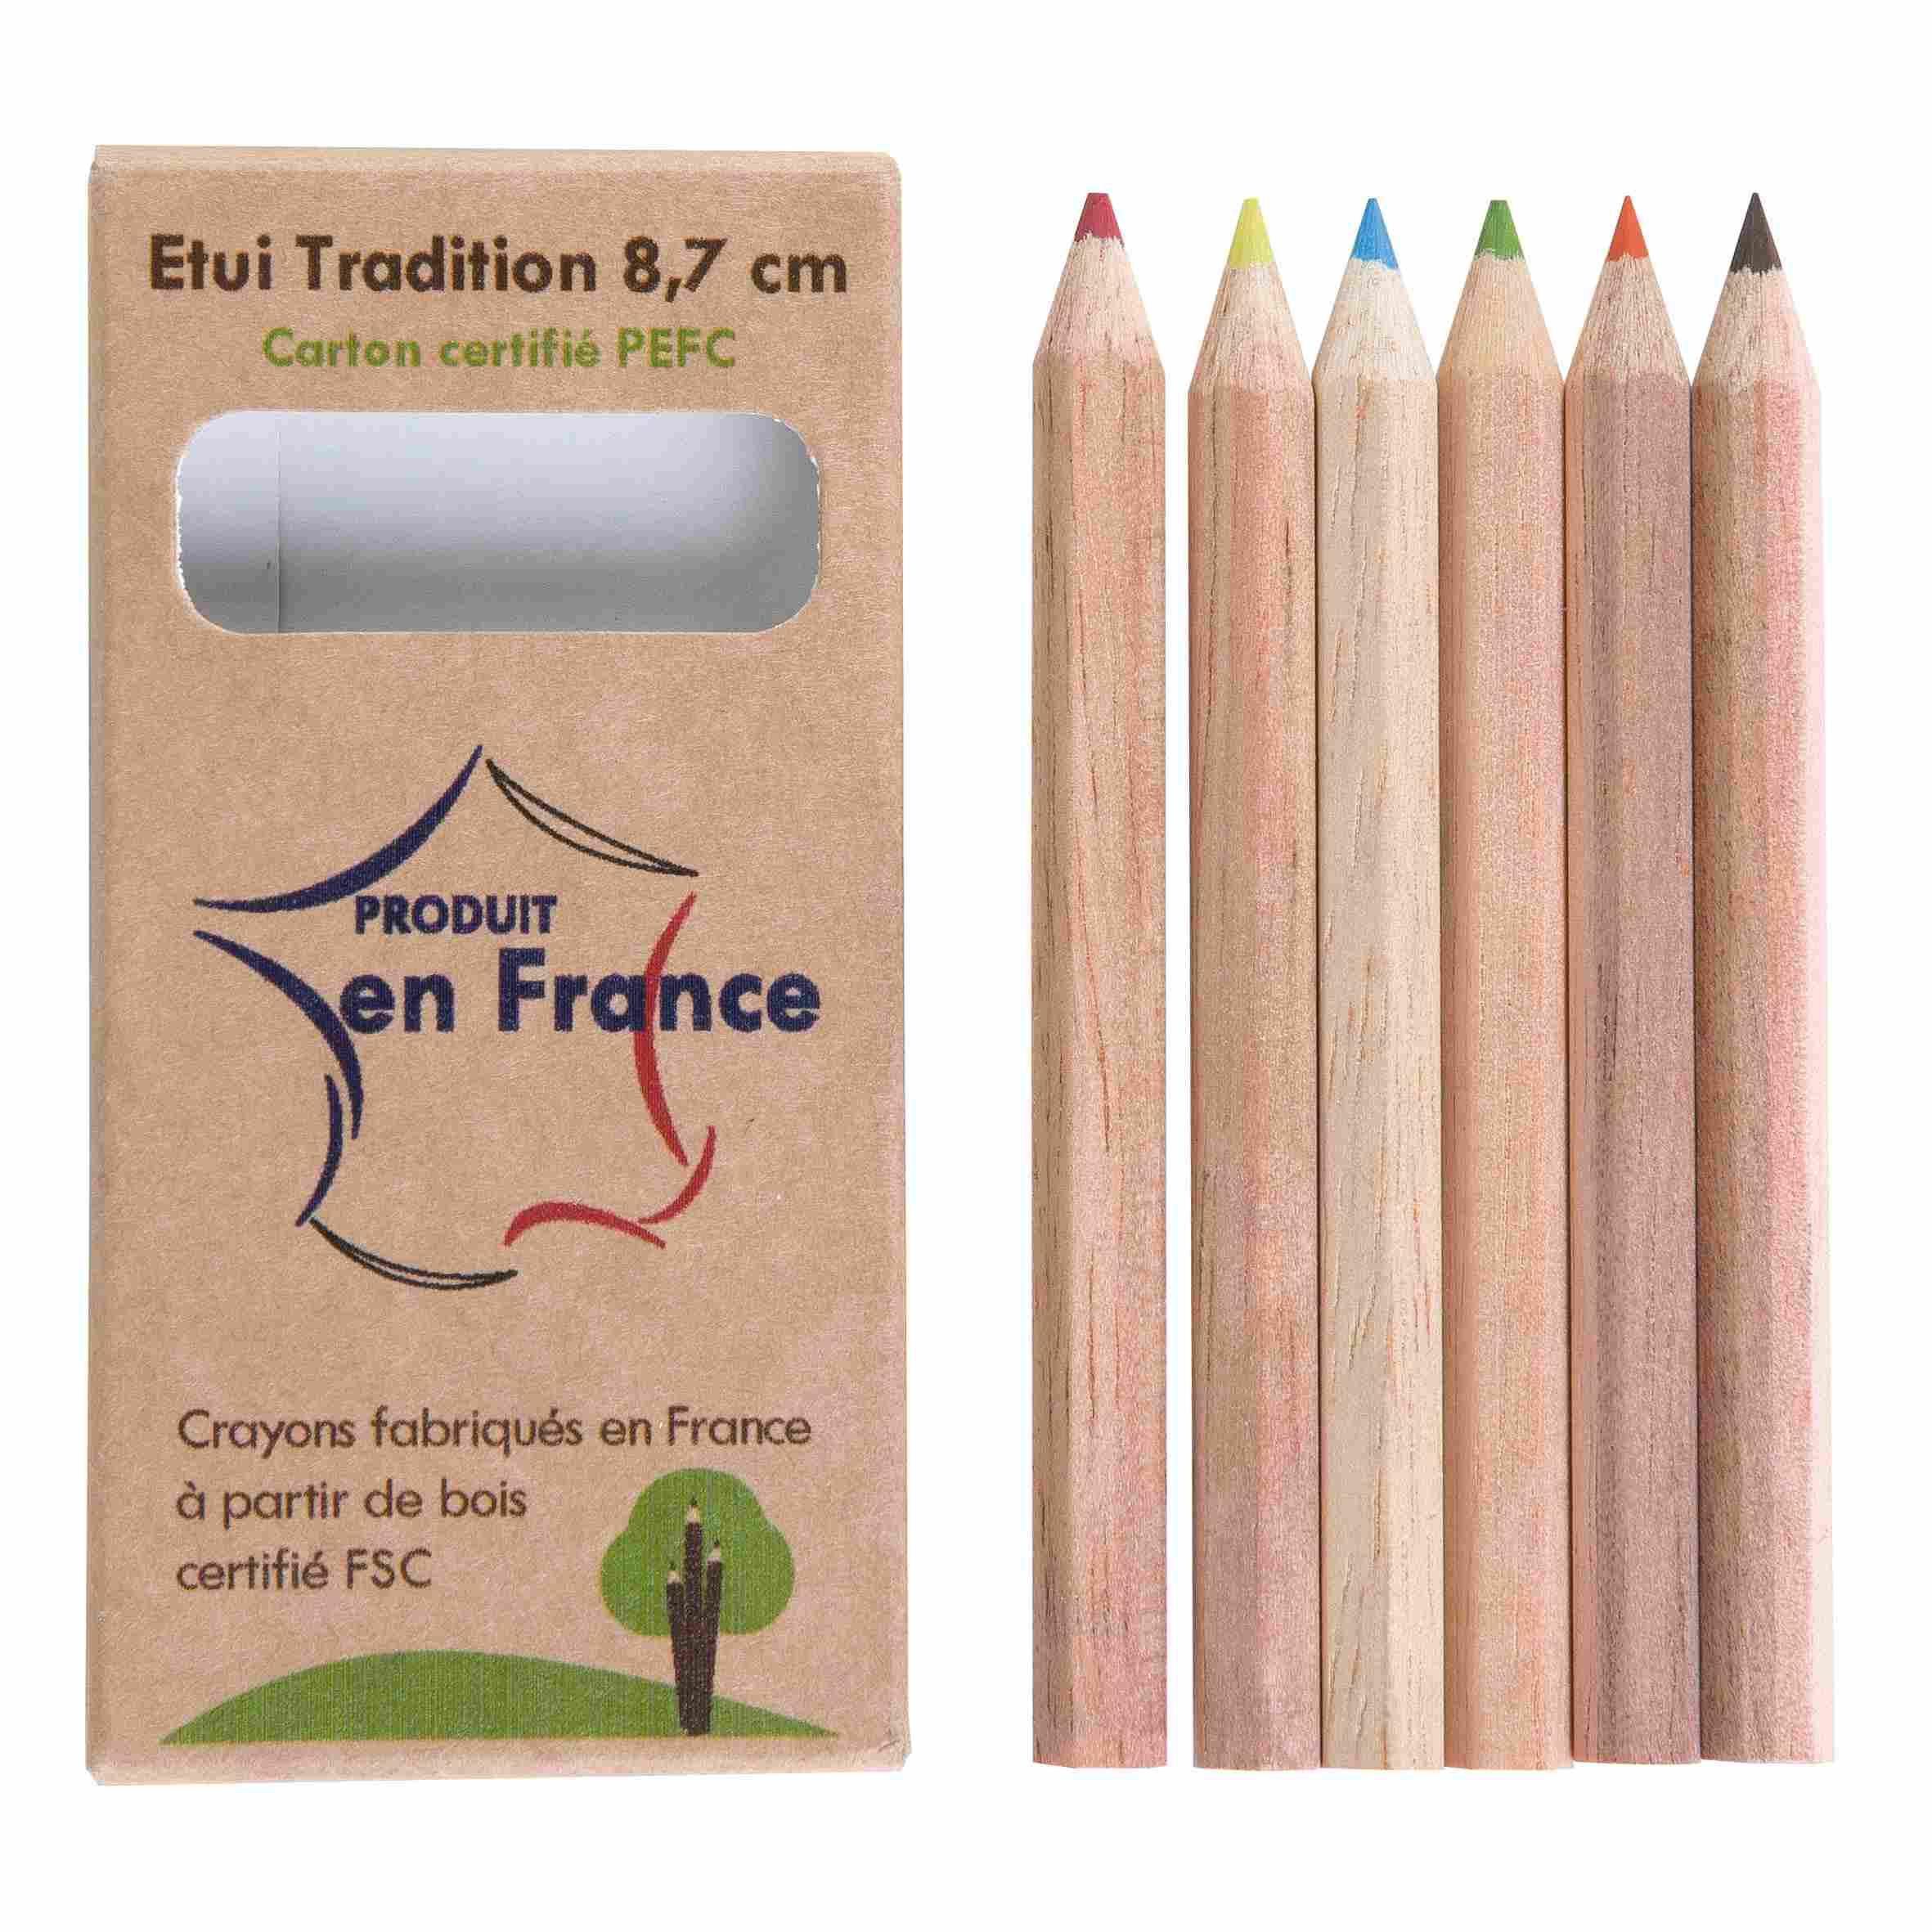 objet publicitaire écologique - étui de 6 crayons de couleur Eco 8,7 cm